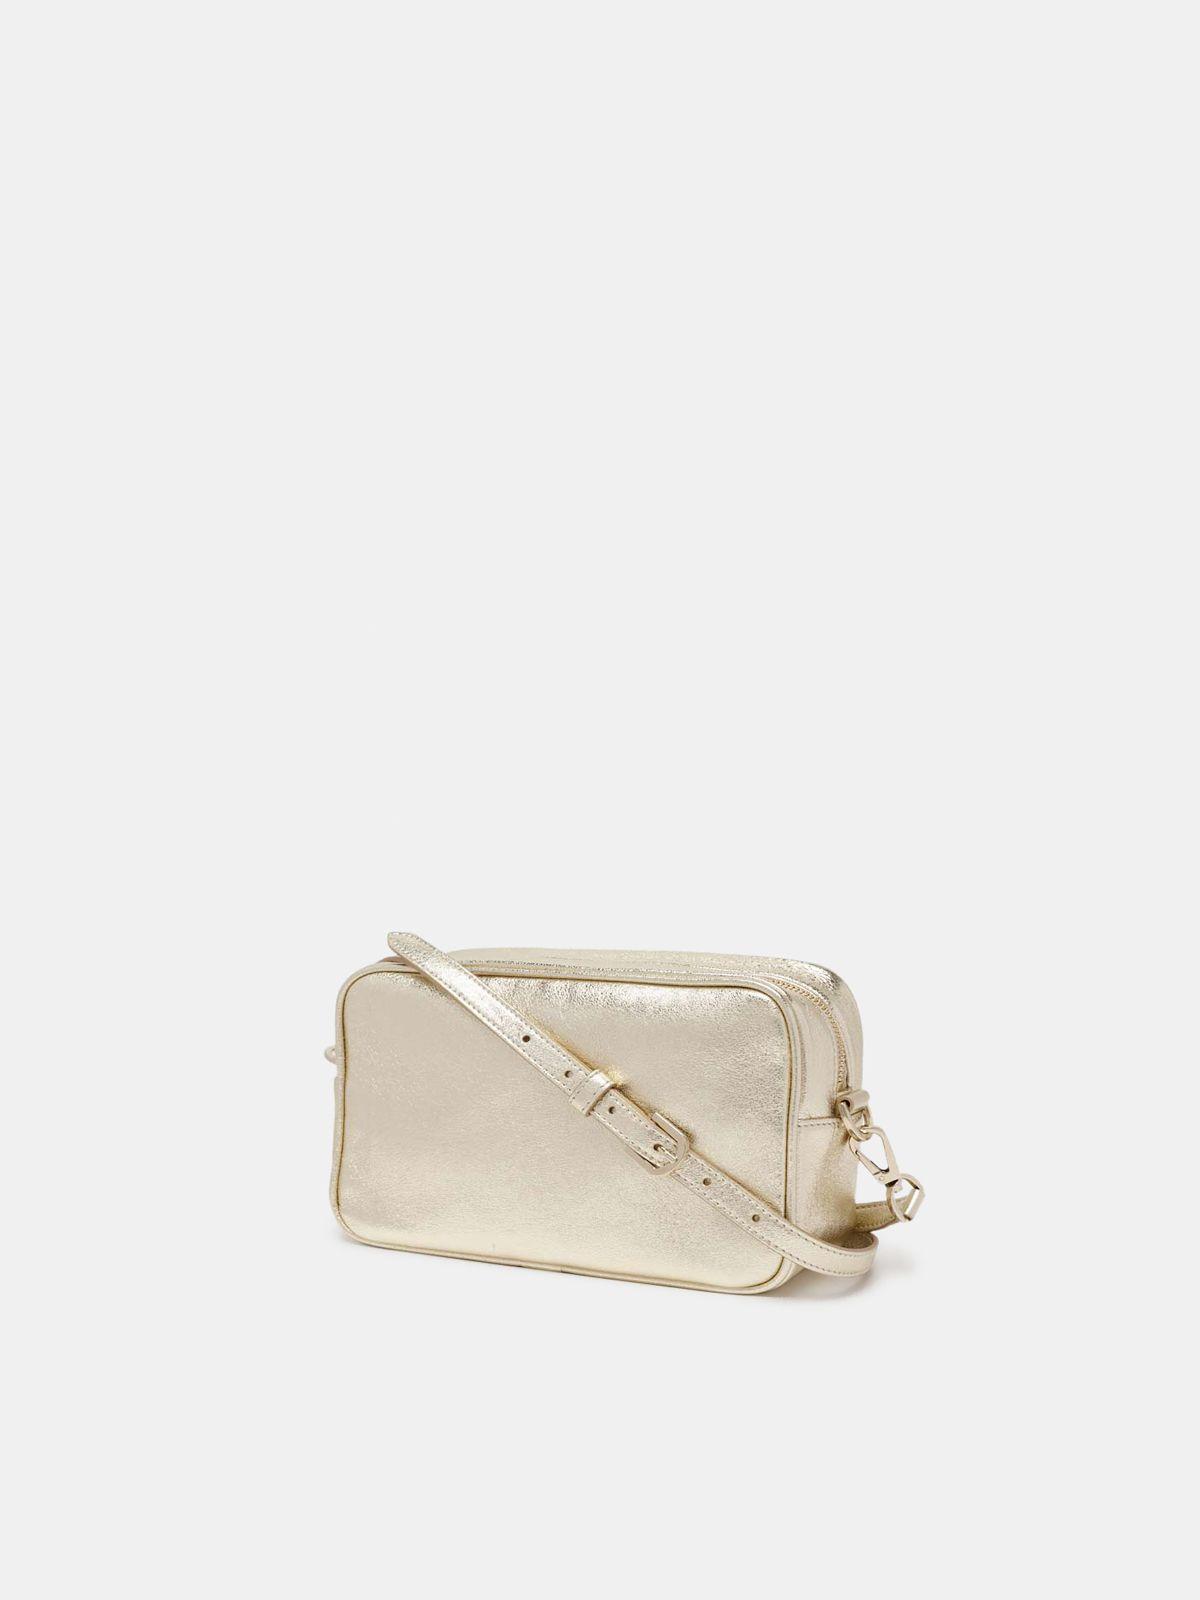 Golden Goose - Borsa Star Bag dorata con cristalli in